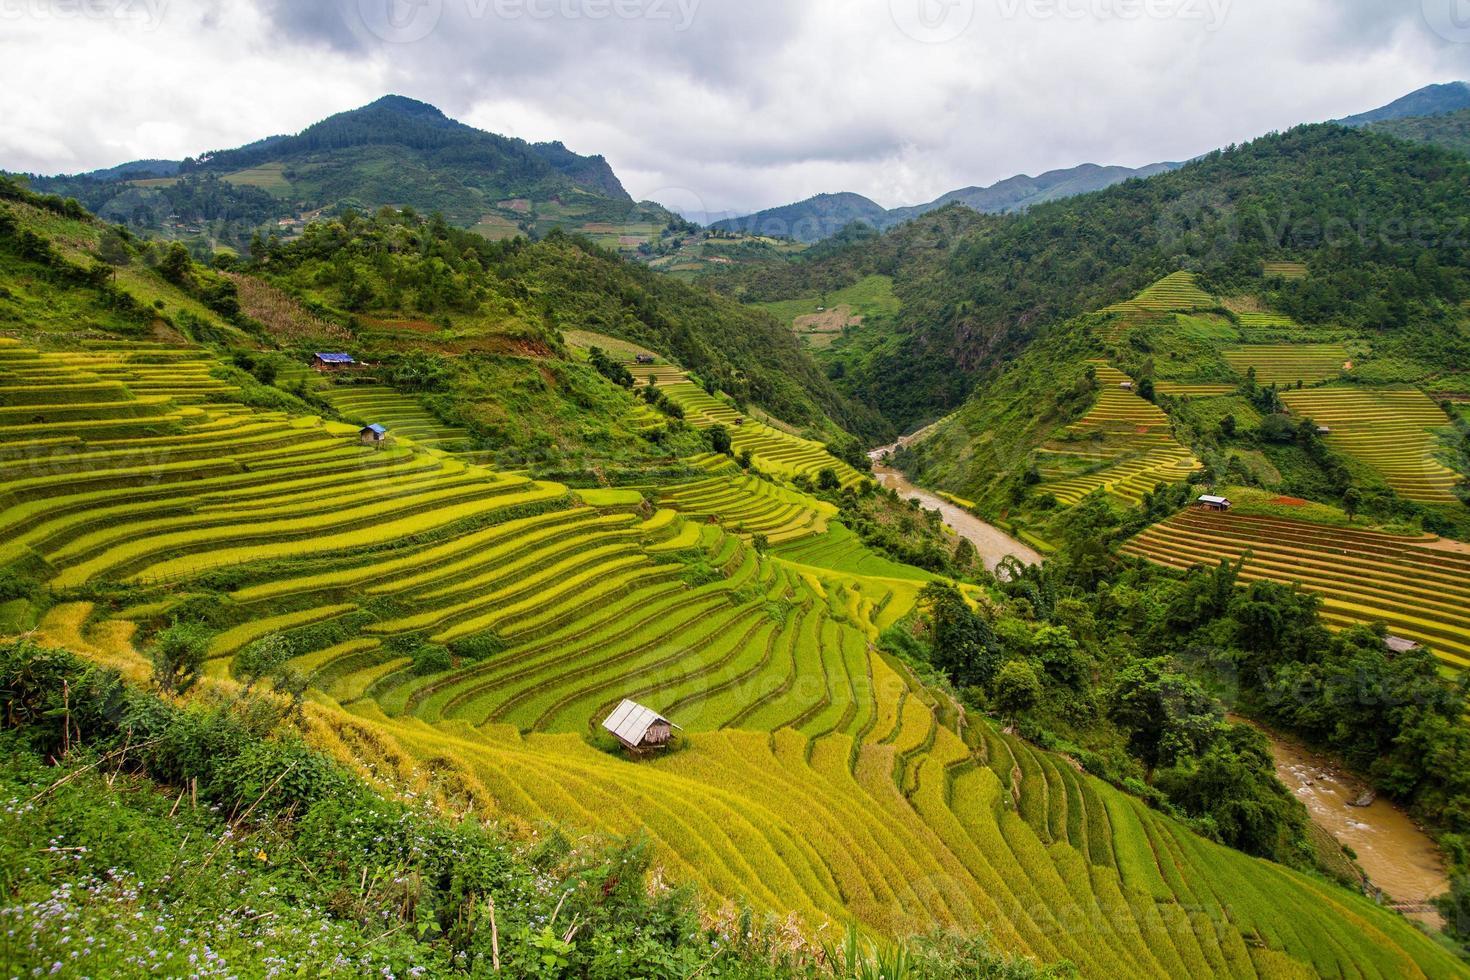 terrazze di riso in vietnam foto